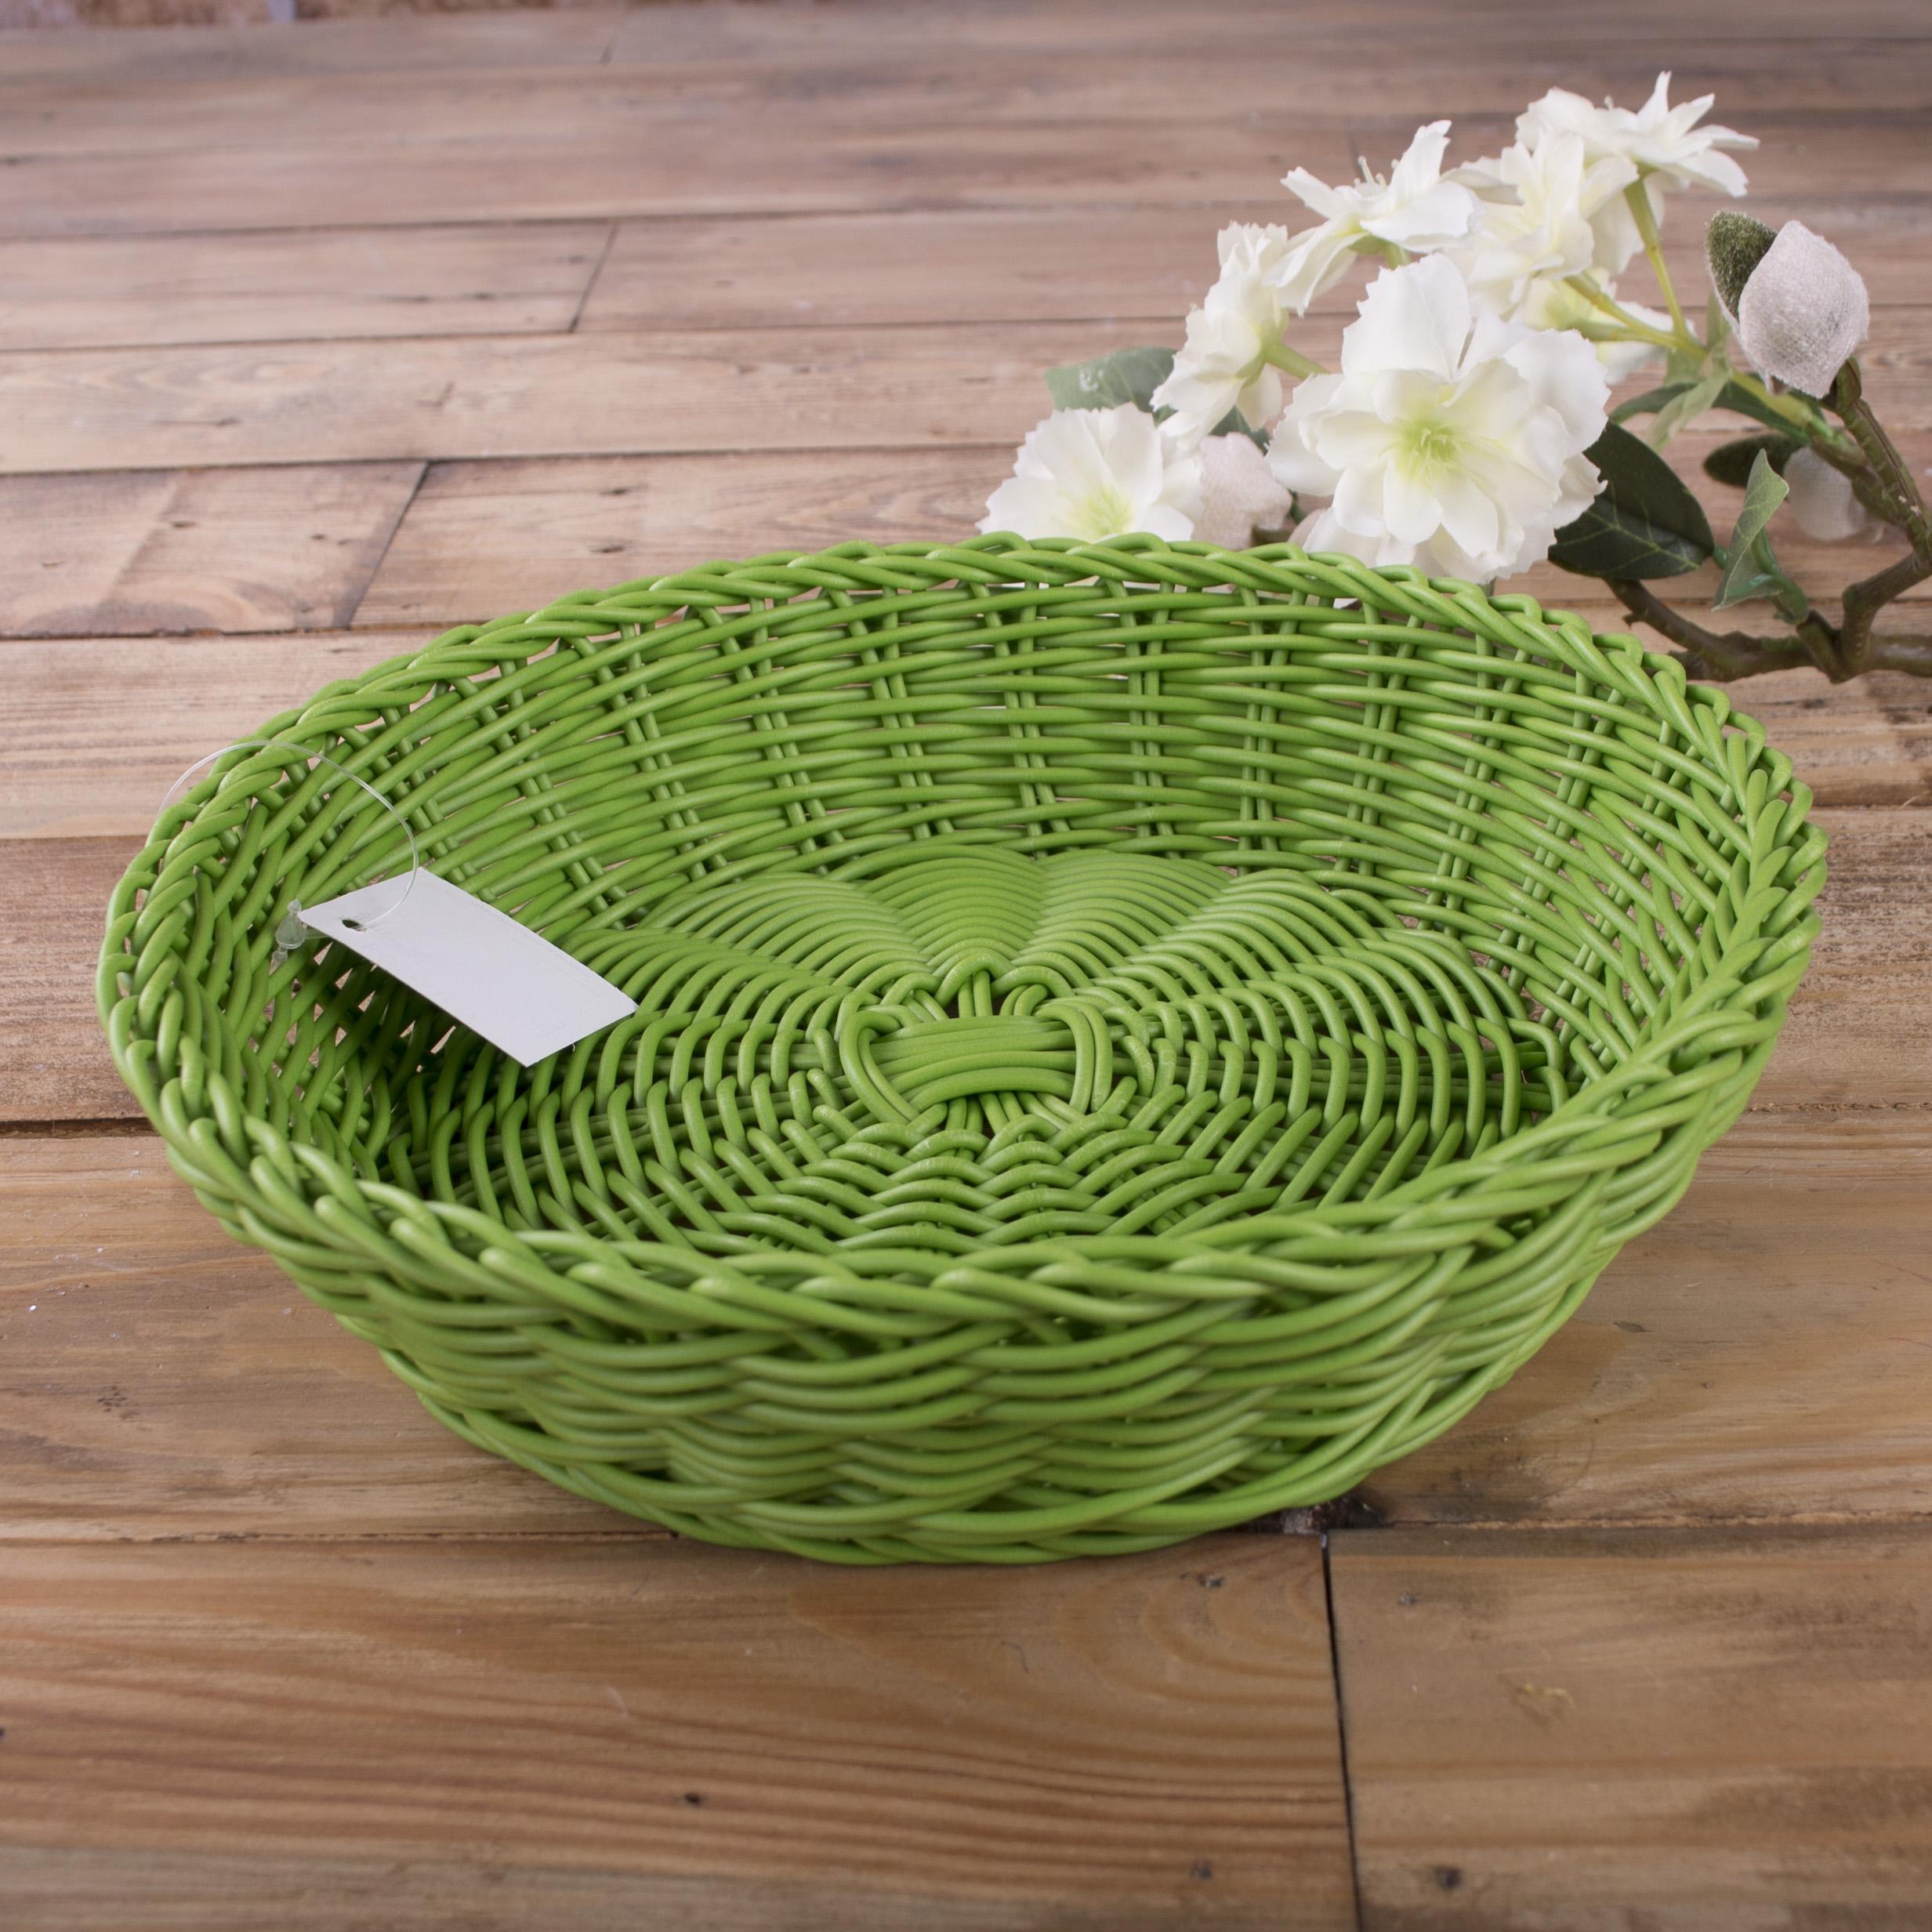 кашпо пластиковое круглое плетеное зеленое